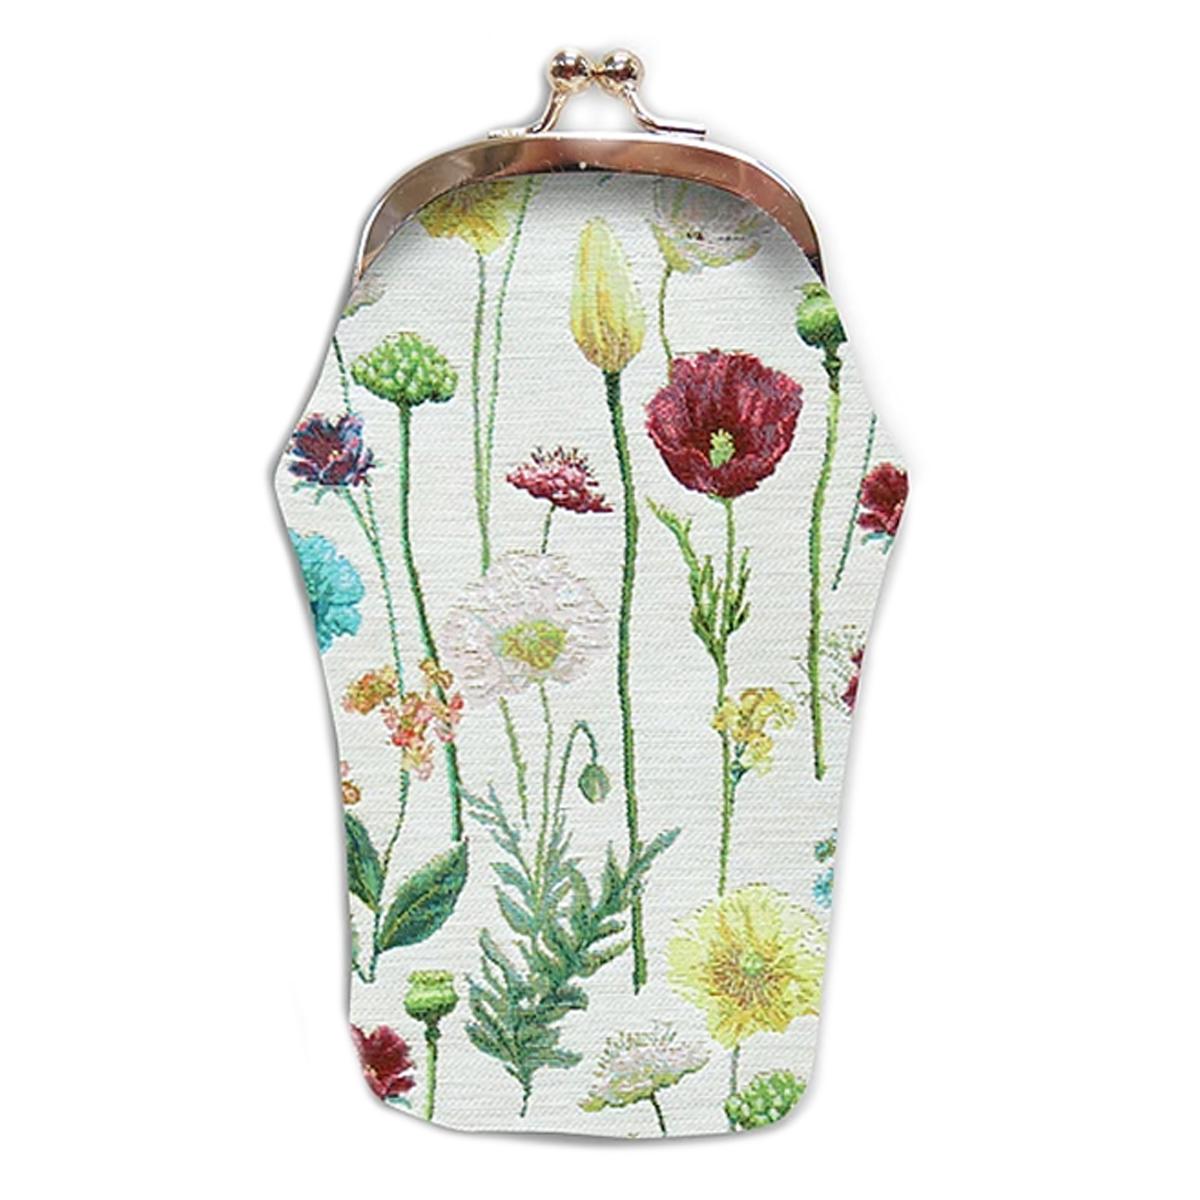 Etui à lunettes artisanal \'Royal Tapisserie\' blanc multicolore (fleurs des champs)  - 18x8 cm - [Q6382]